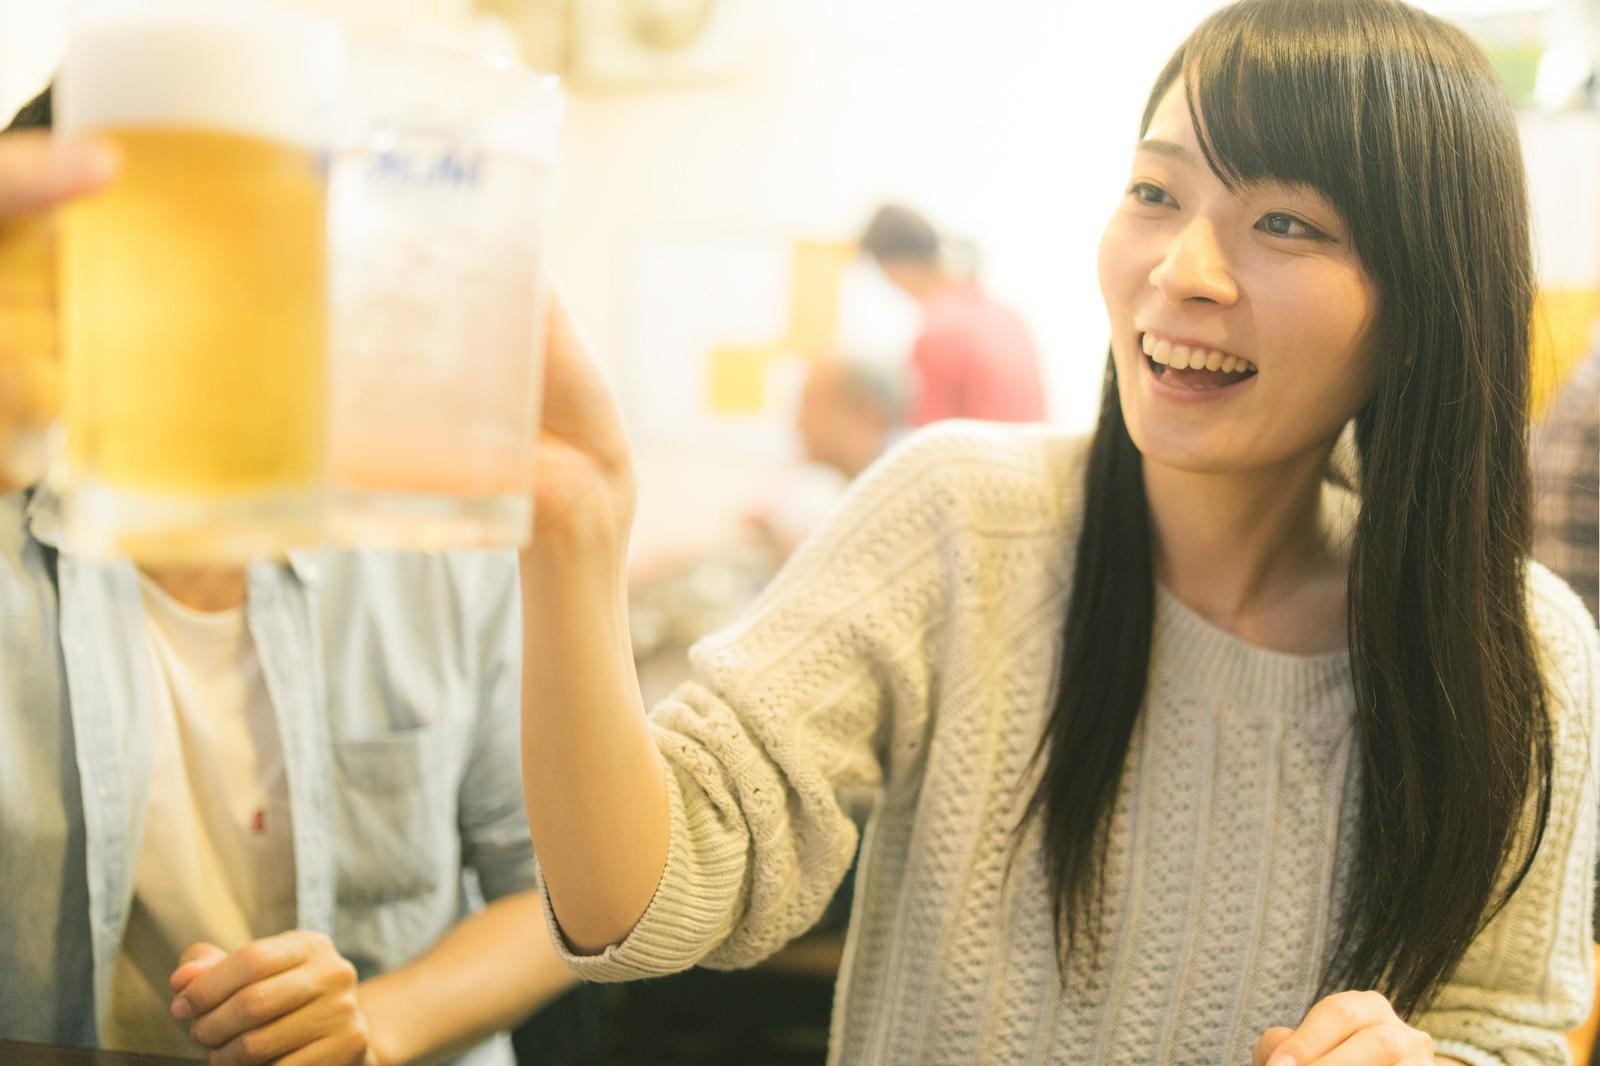 アサヒビール|面接内容と選考プロセスの実態とは